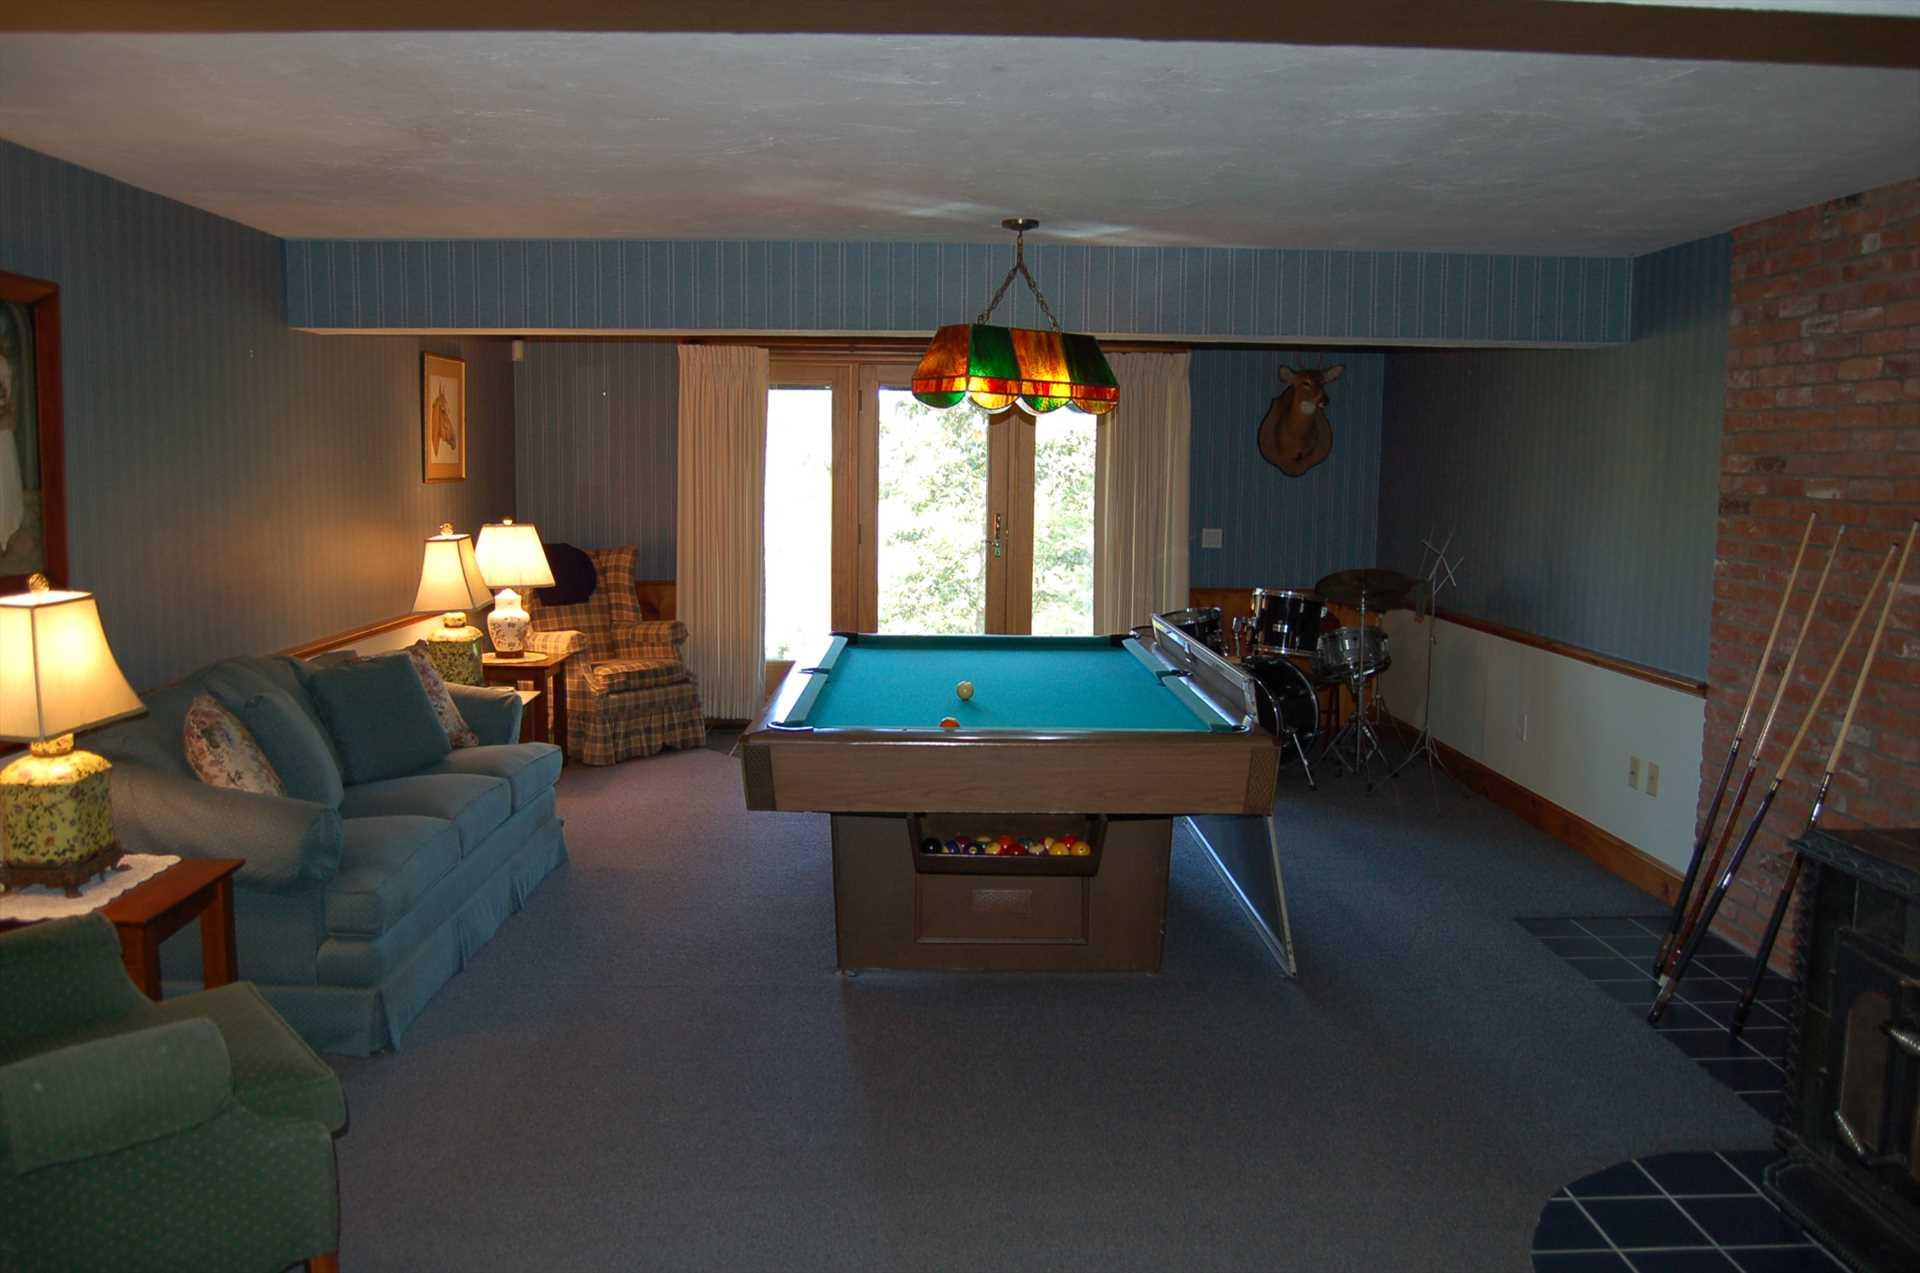 BONUS Room- When renting the 7 Bedrooms